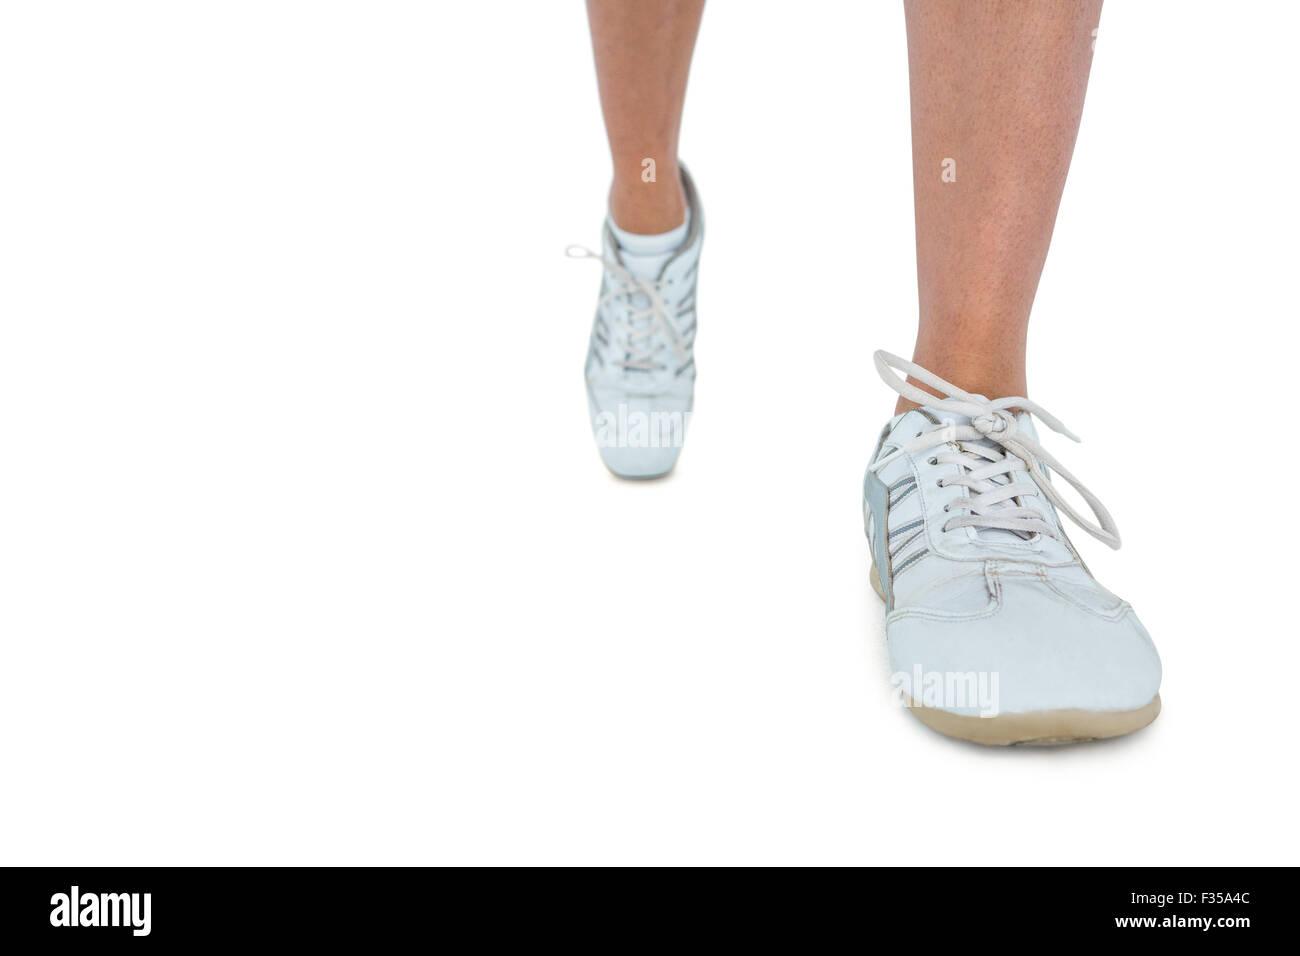 La section basse de femme portant la chaussure de sport running Photo Stock